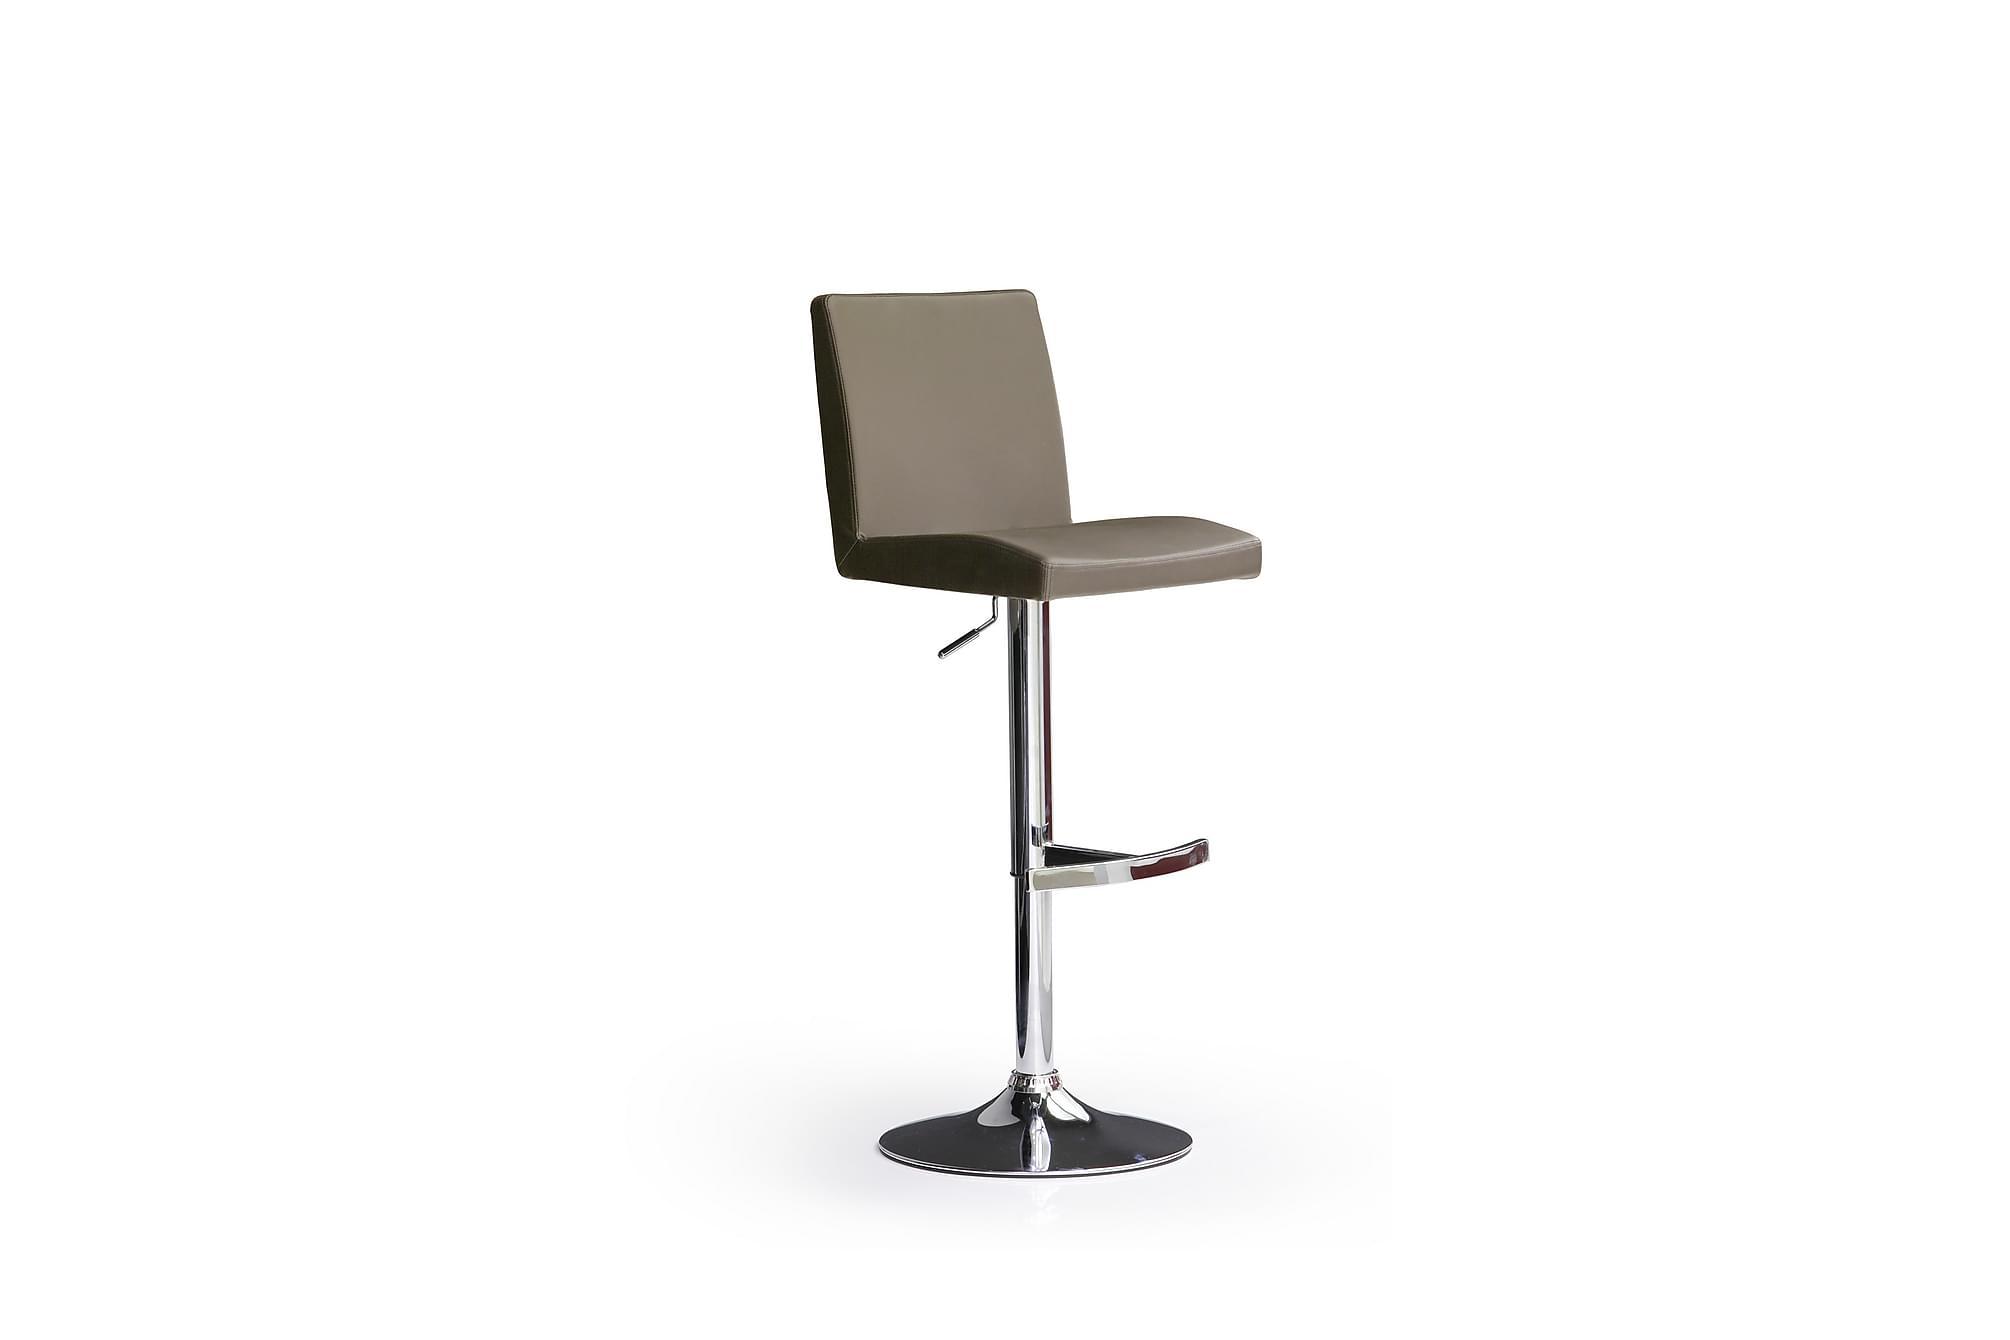 Soila barstol rund fot konstläder krom/cappuccino